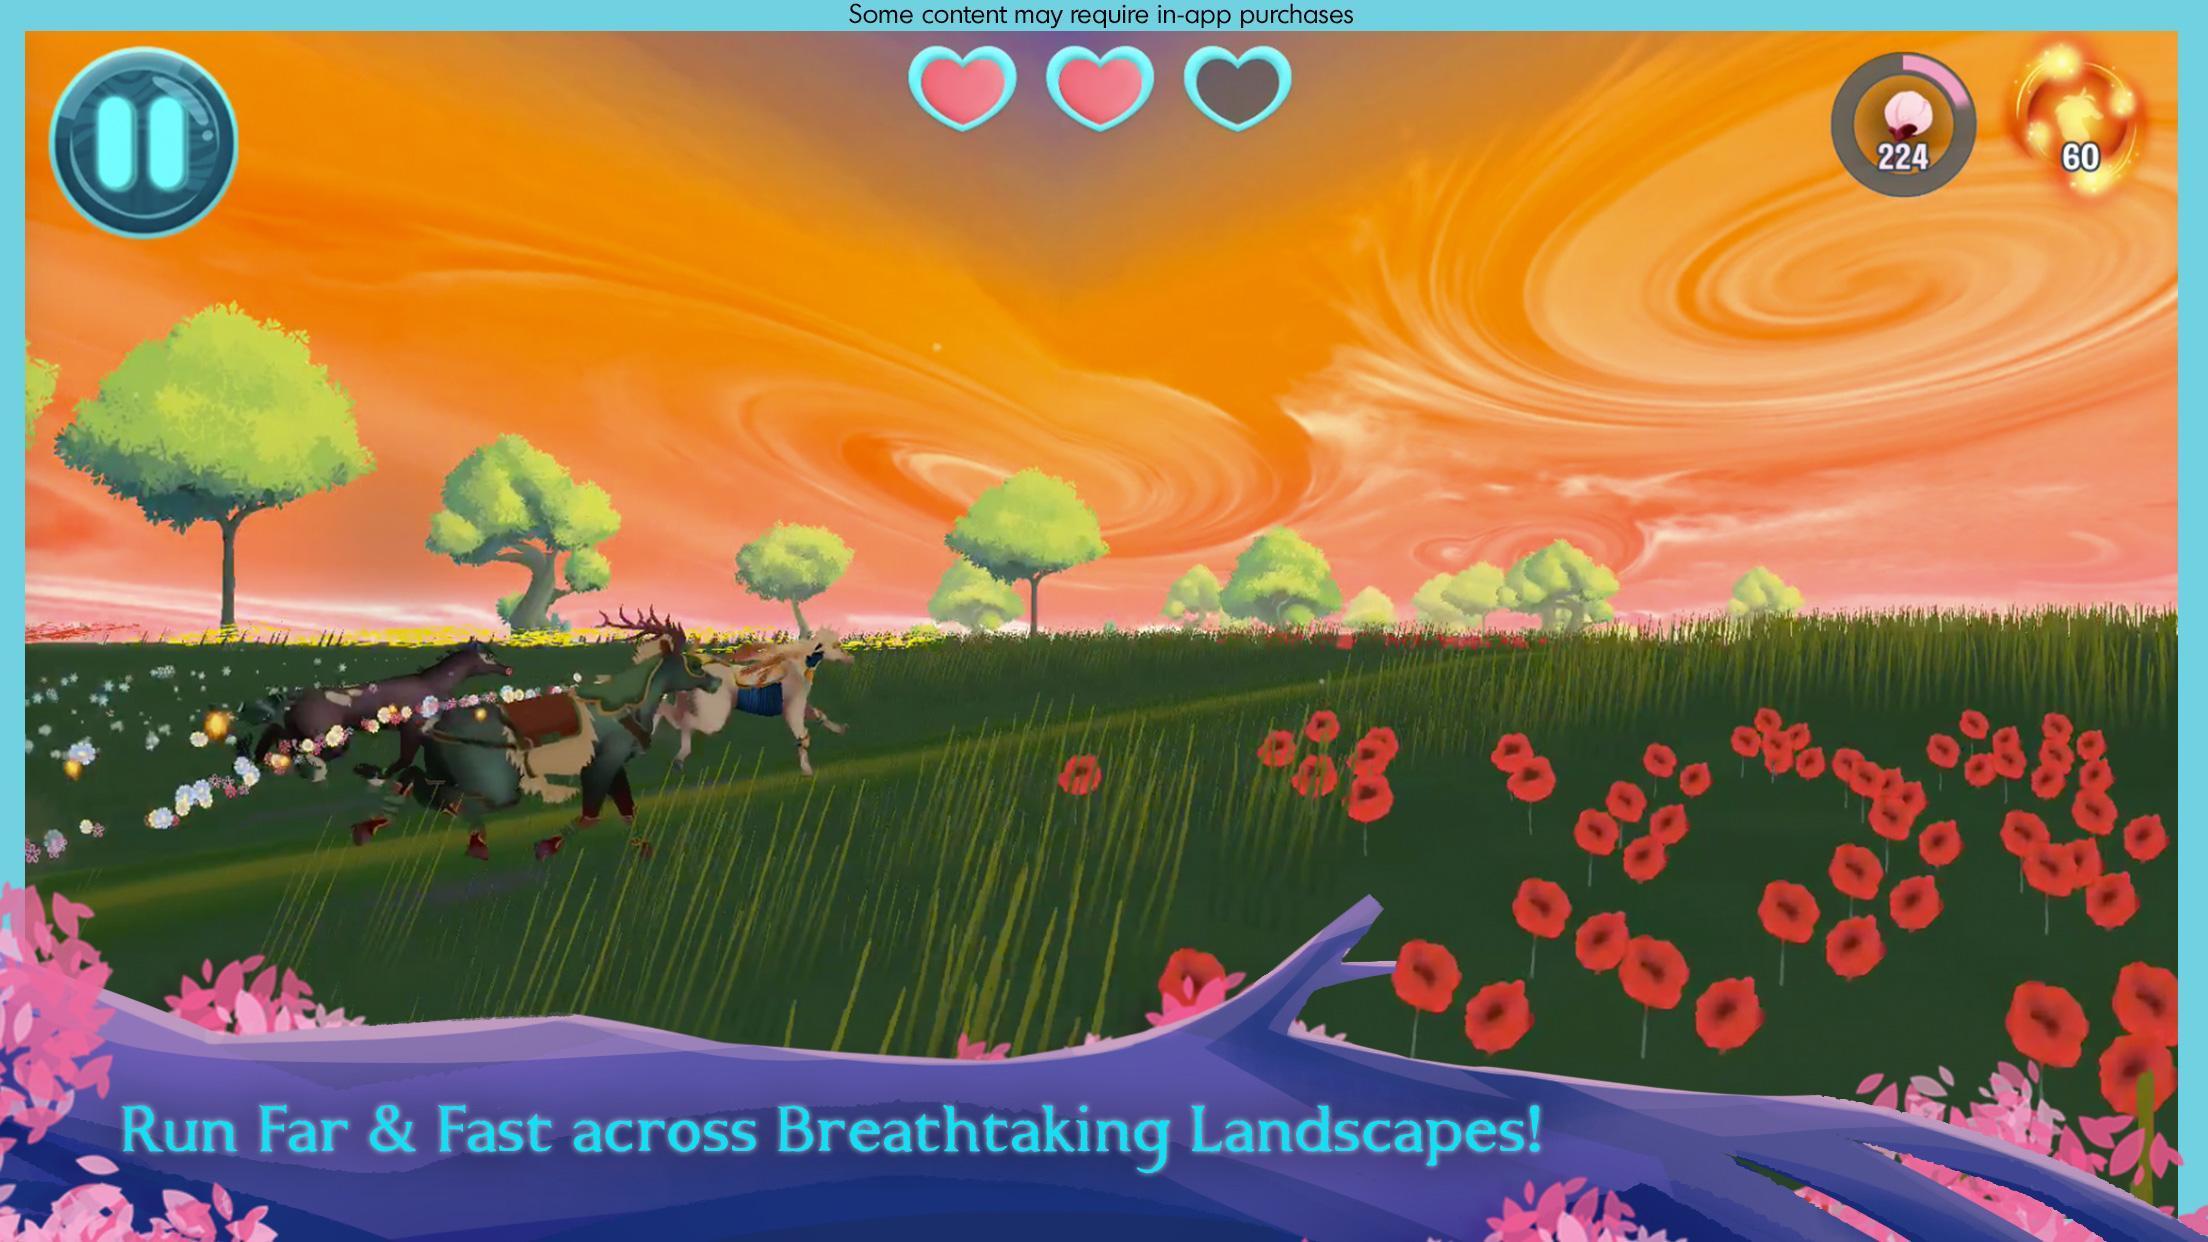 EverRun The Horse Guardians - Epic Endless Runner 2.3 Screenshot 1